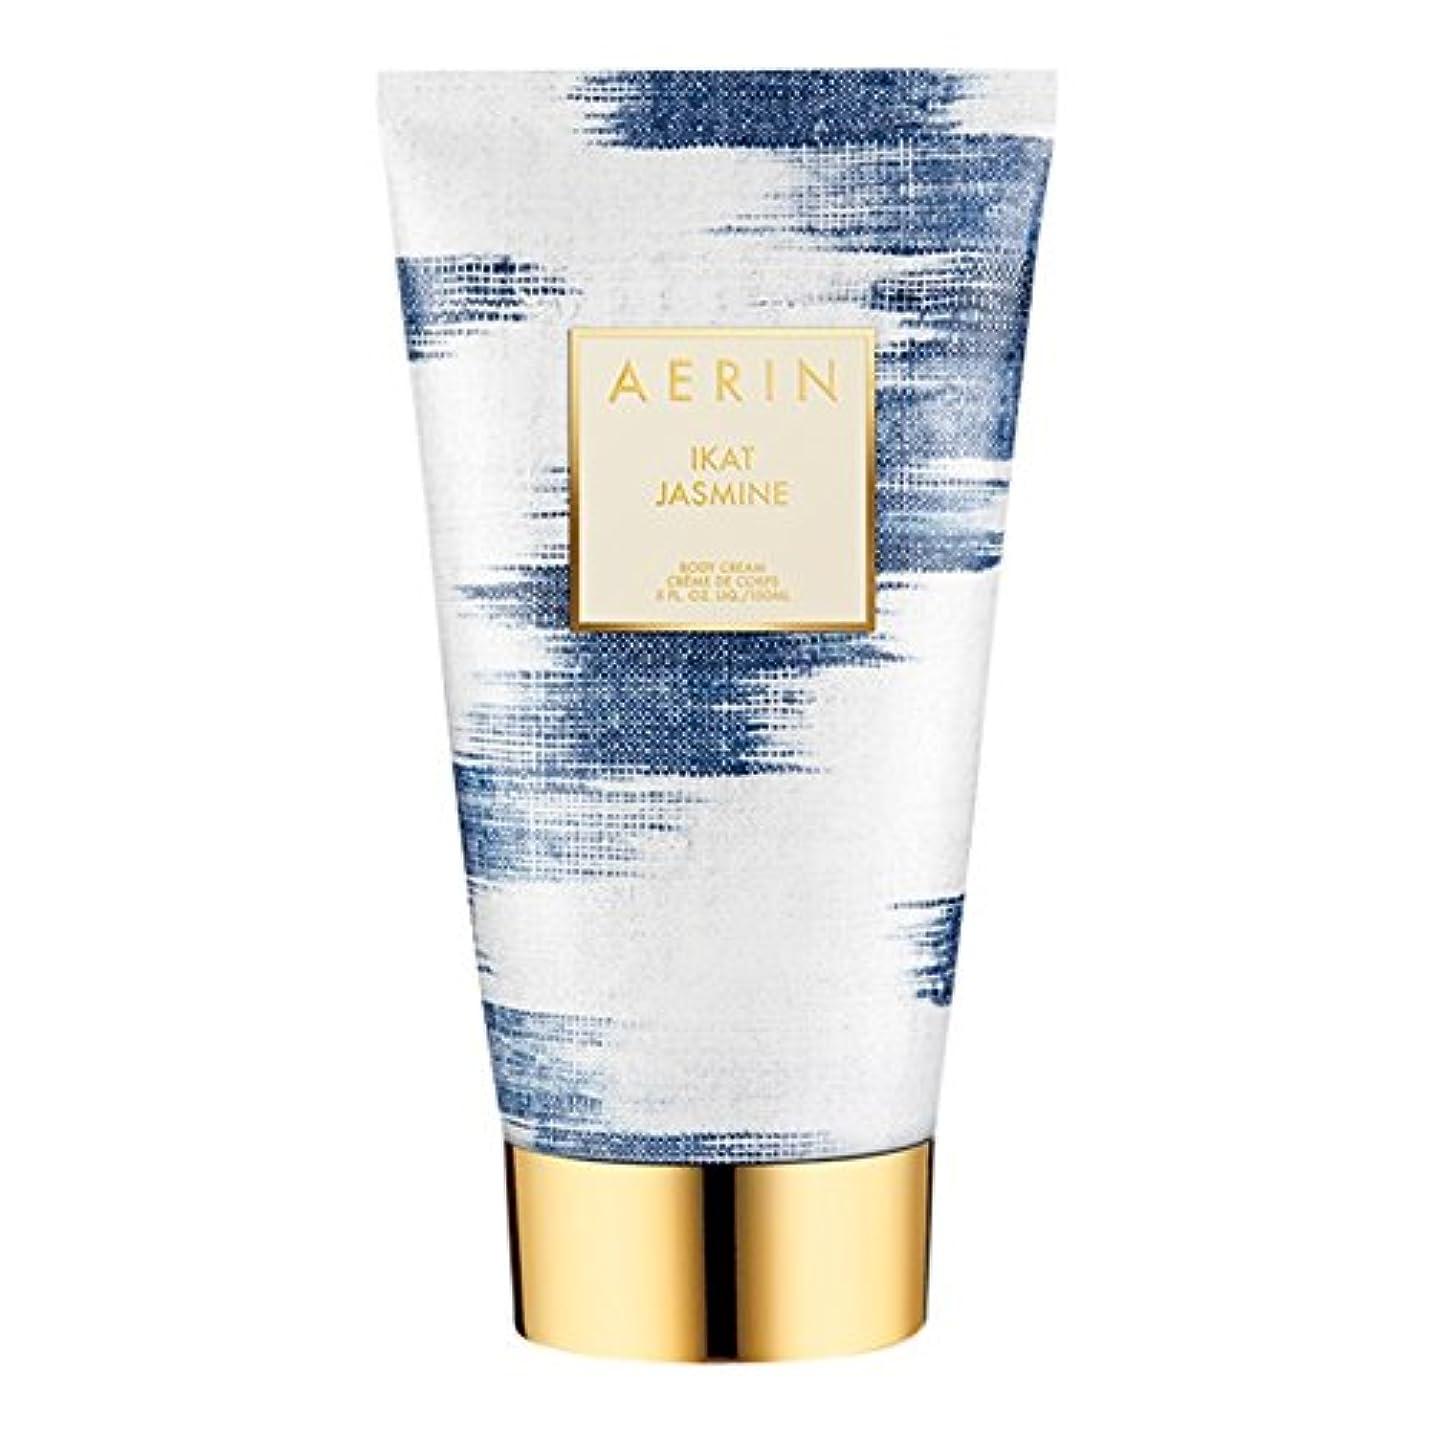 海洋件名気味の悪いAerinイカットジャスミンボディクリーム150ミリリットル (AERIN) - AERIN Ikat Jasmine Body Cream 150ml [並行輸入品]